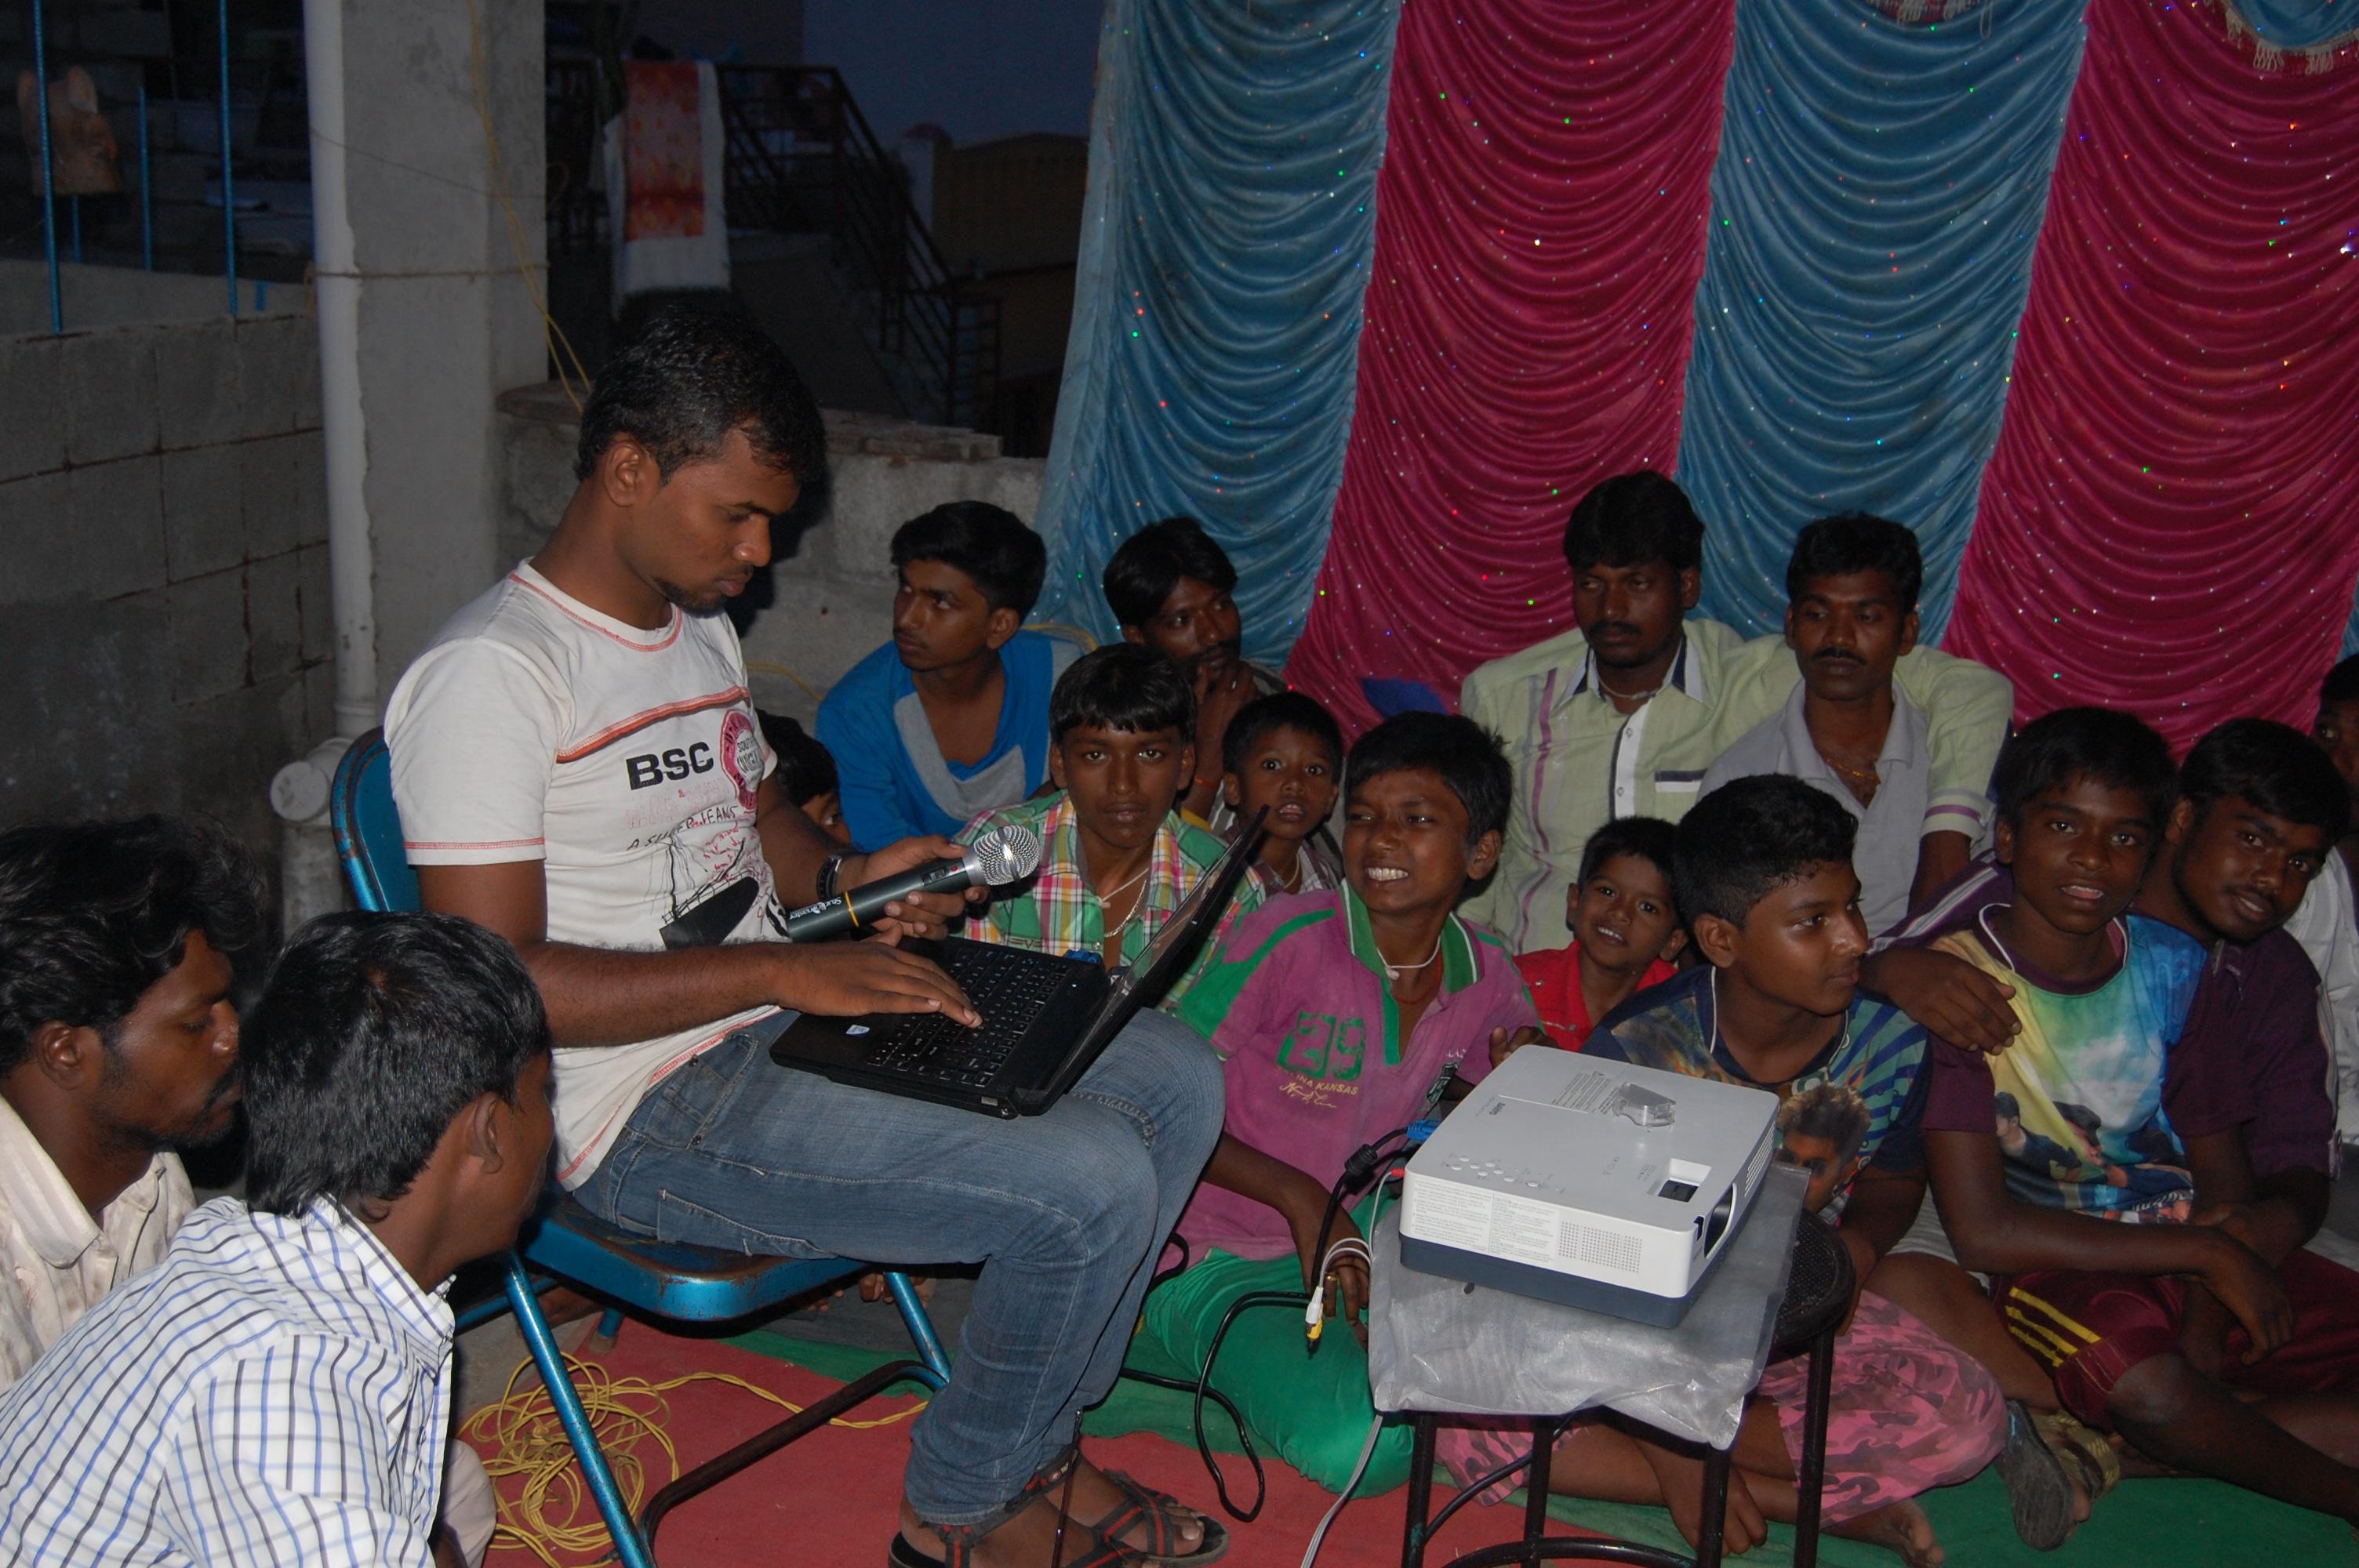 பெங்களூரில் நாம் தமிழர் கட்சி கலந்தாய்வு DSC 5004